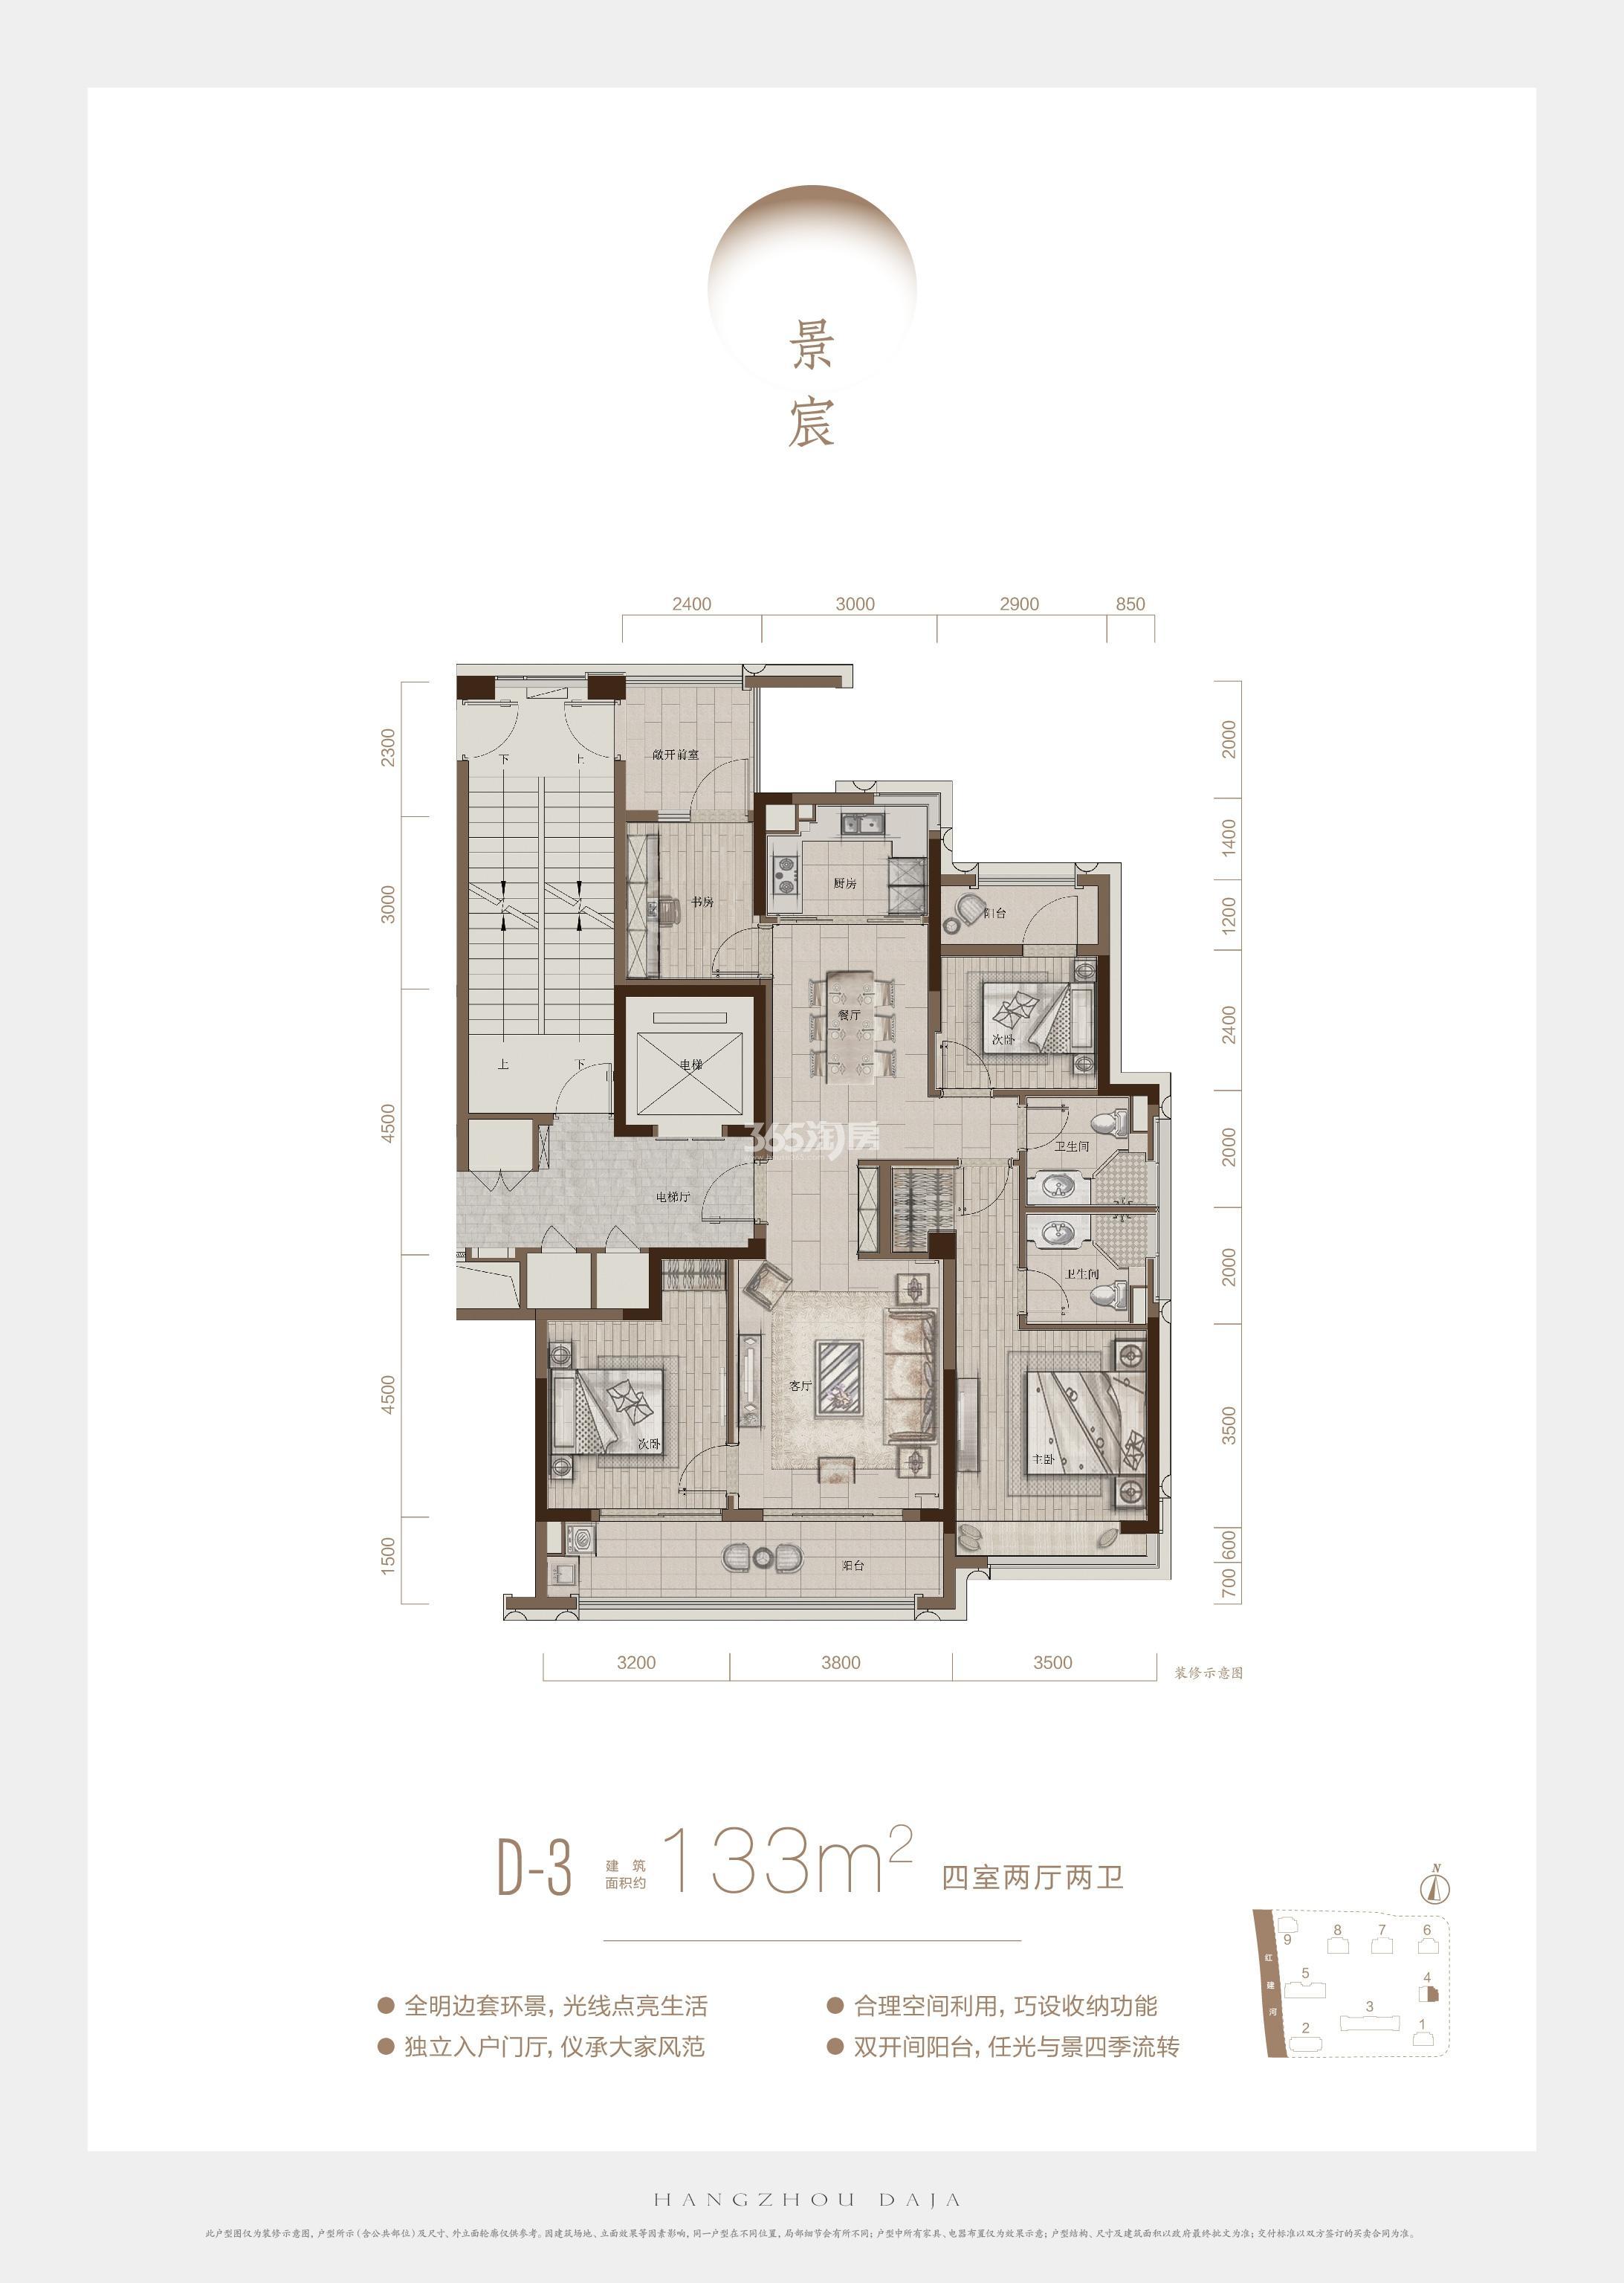 杭州大家高层4号楼东边套D3户型 约133㎡